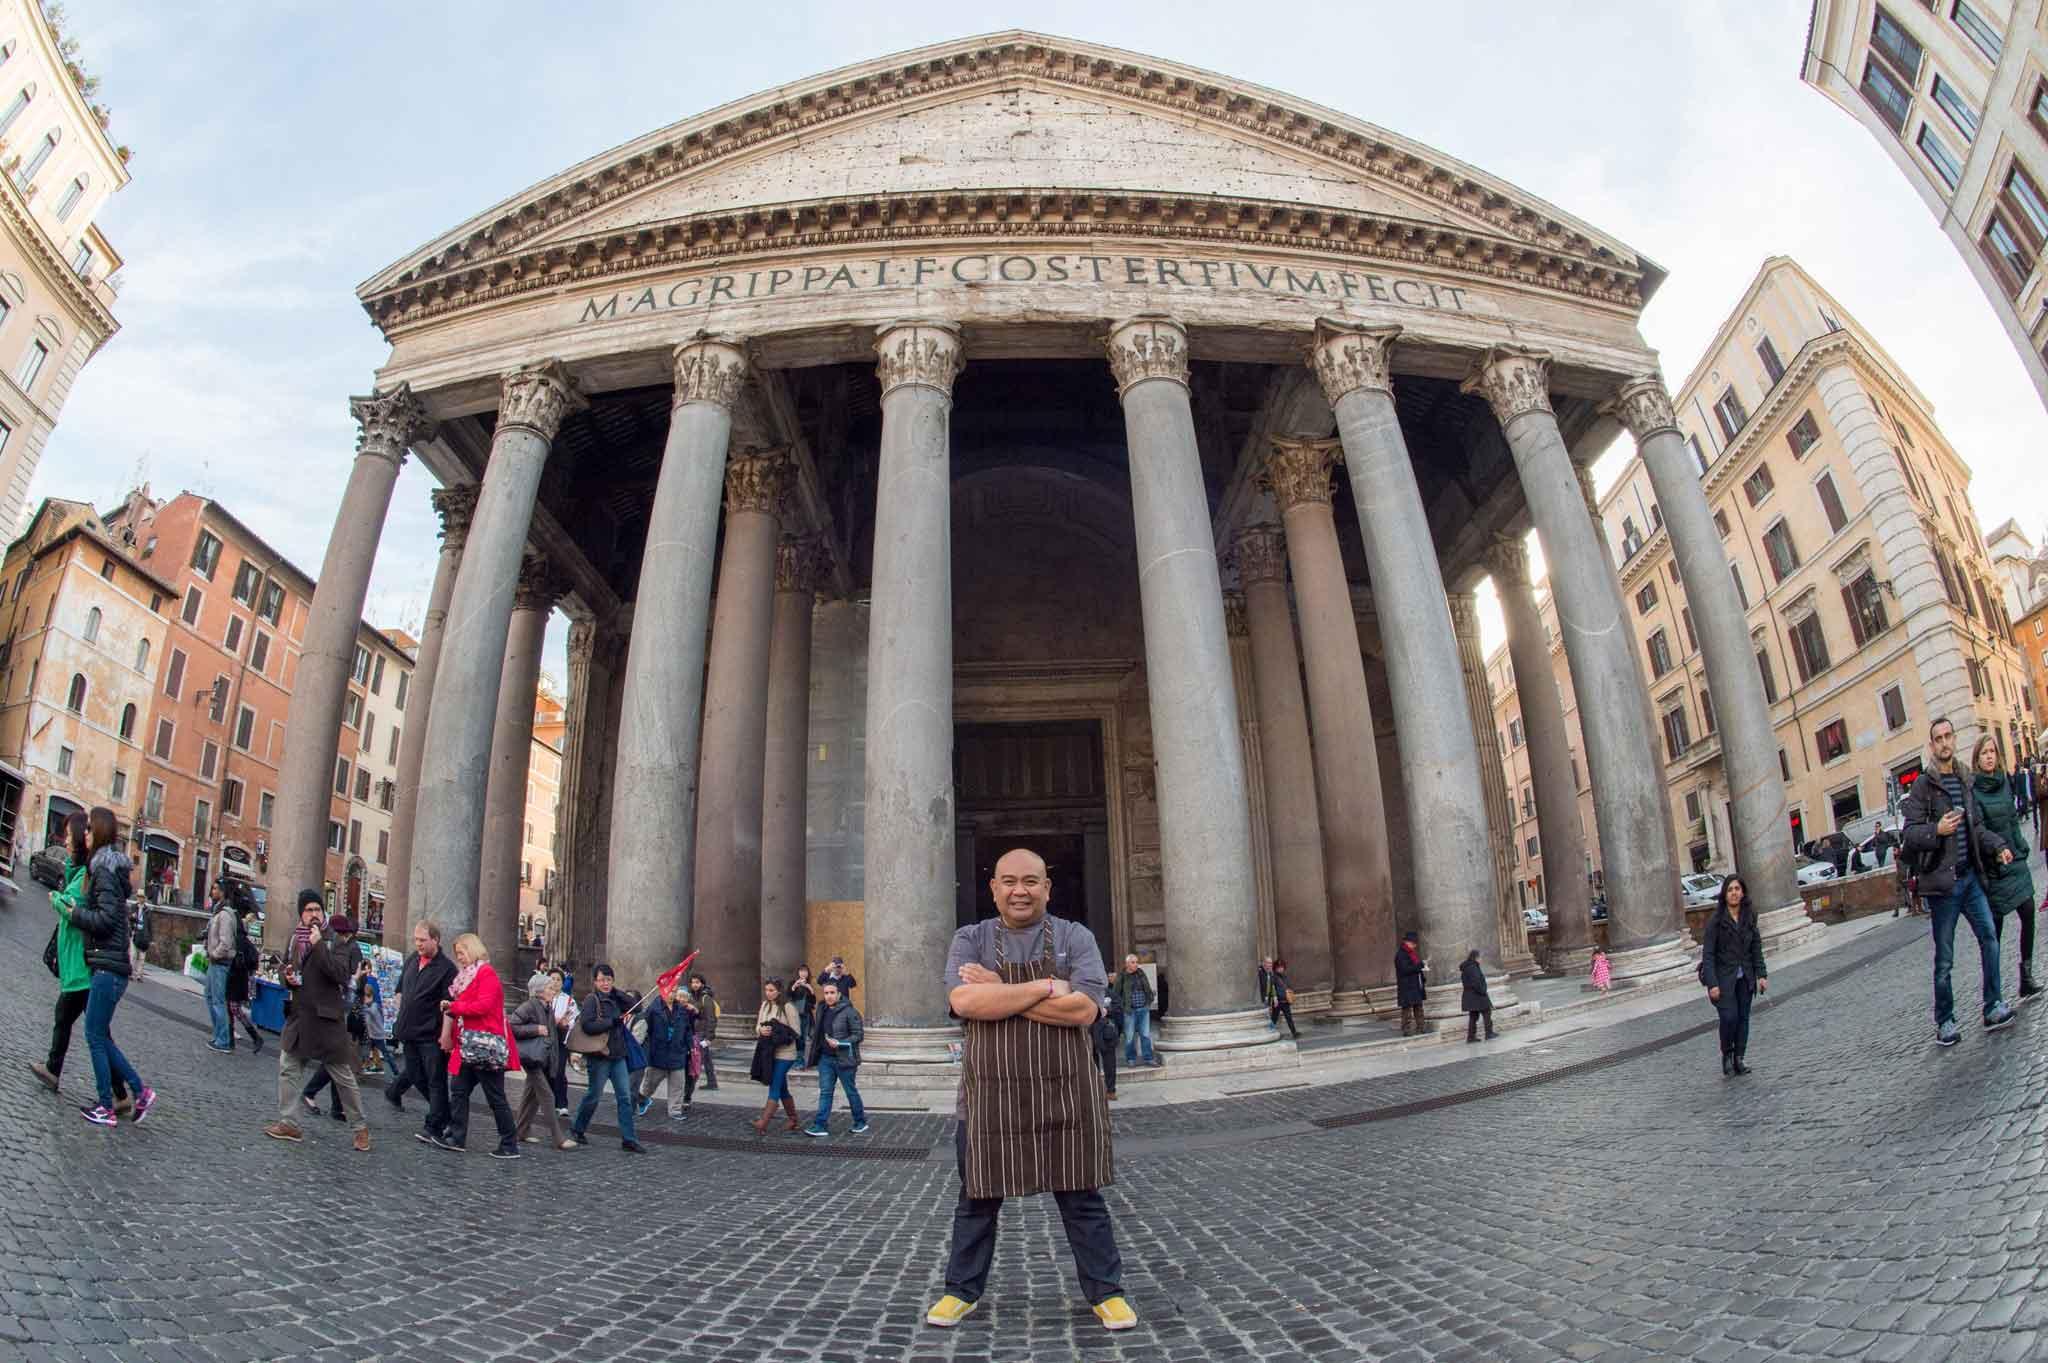 Rodelio Aglibot Roma